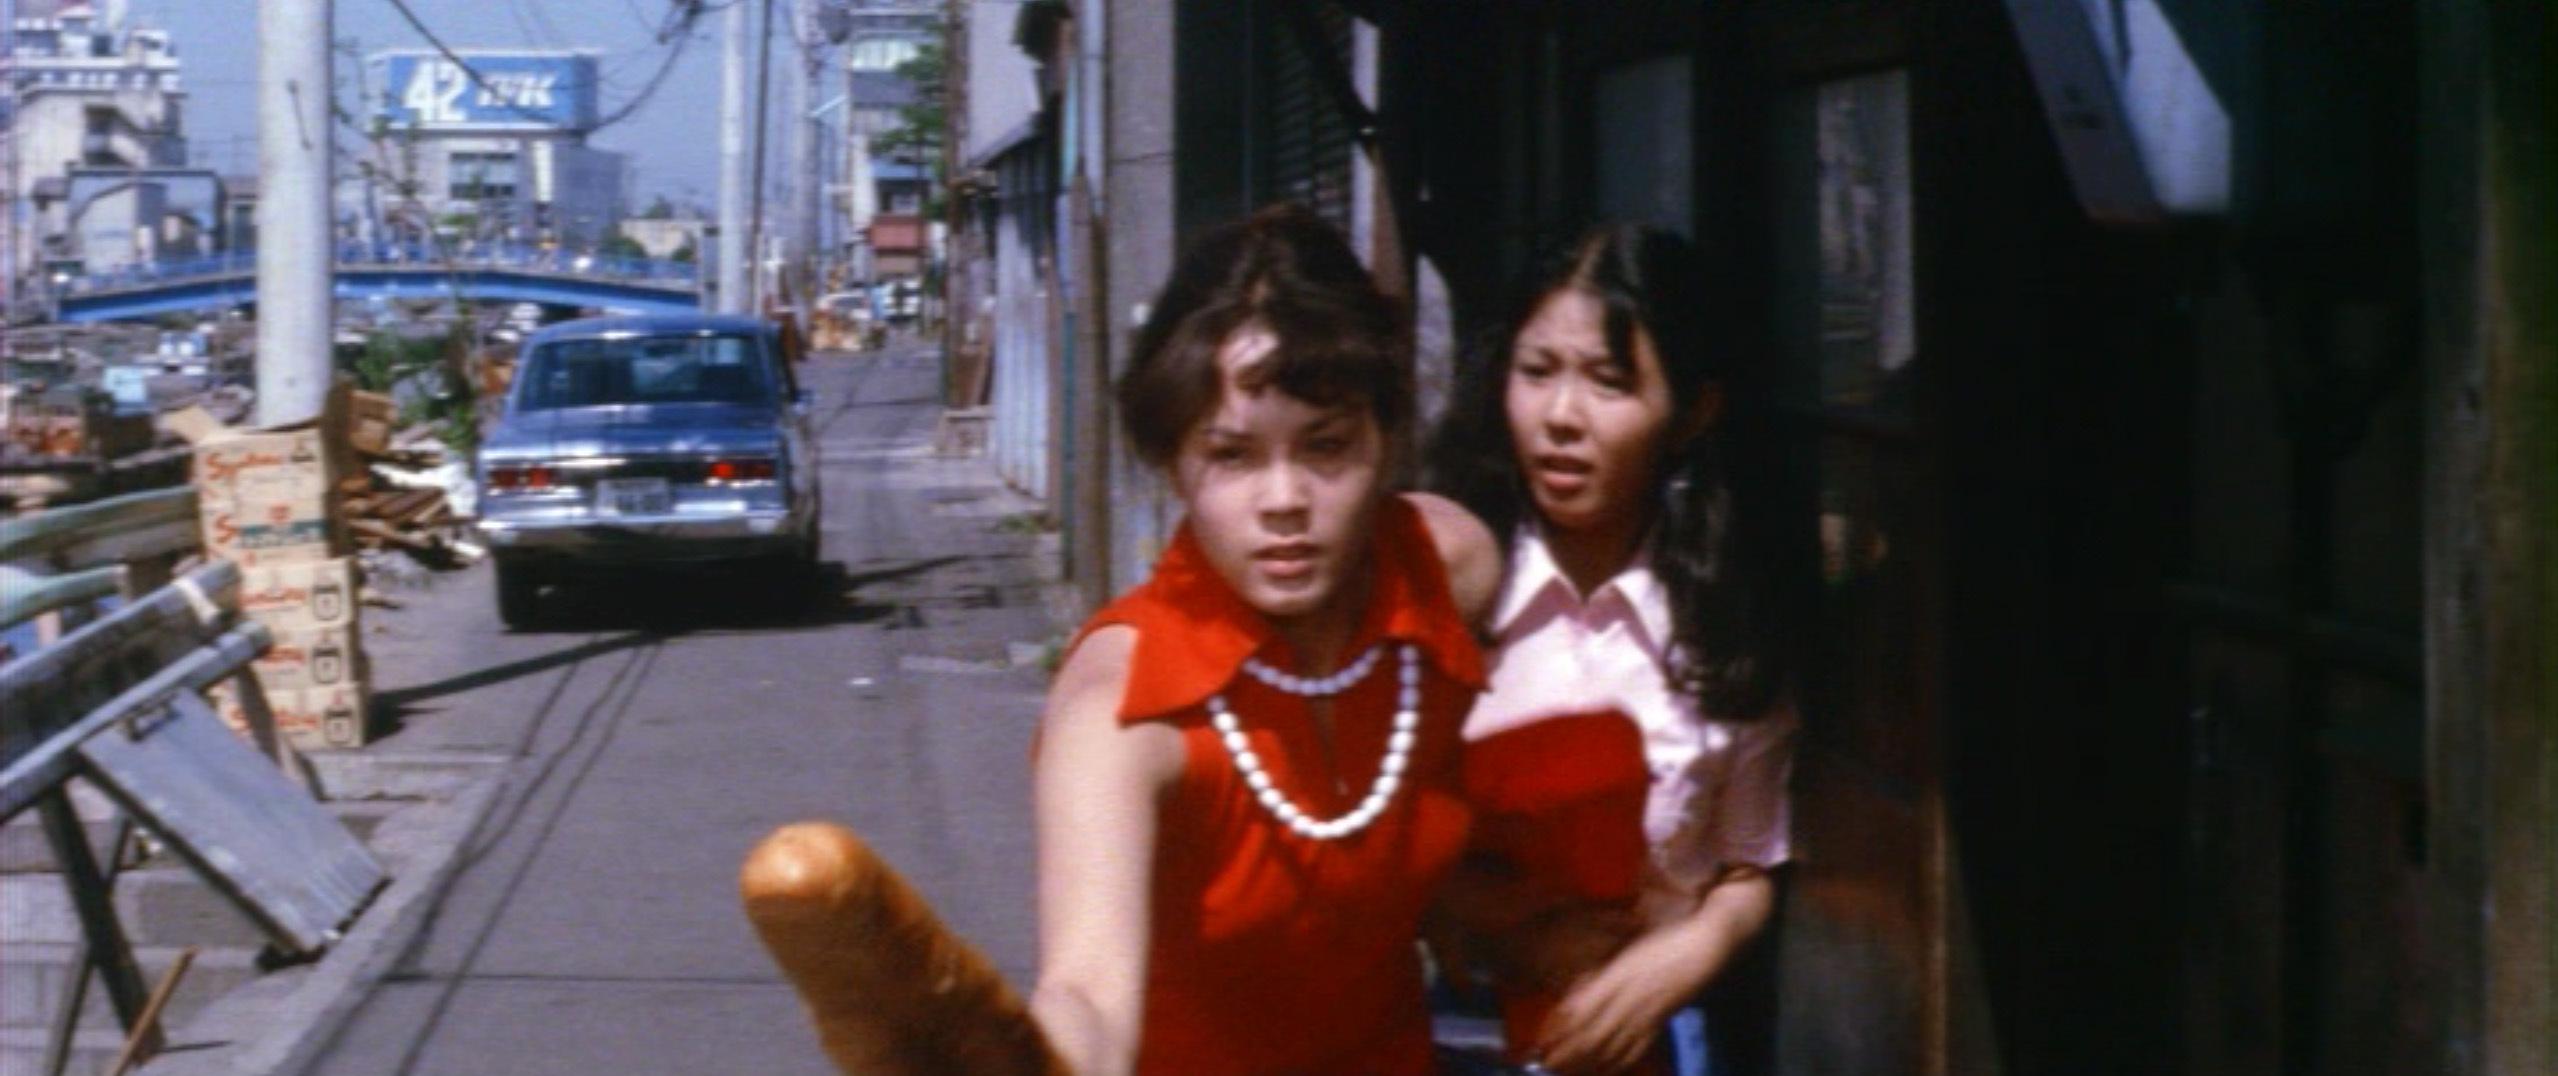 市毛良枝(Yoshie Ichige)「混血児リカ ハマぐれ子守唄」(1973)・・・《前半》_e0042361_20454448.jpg